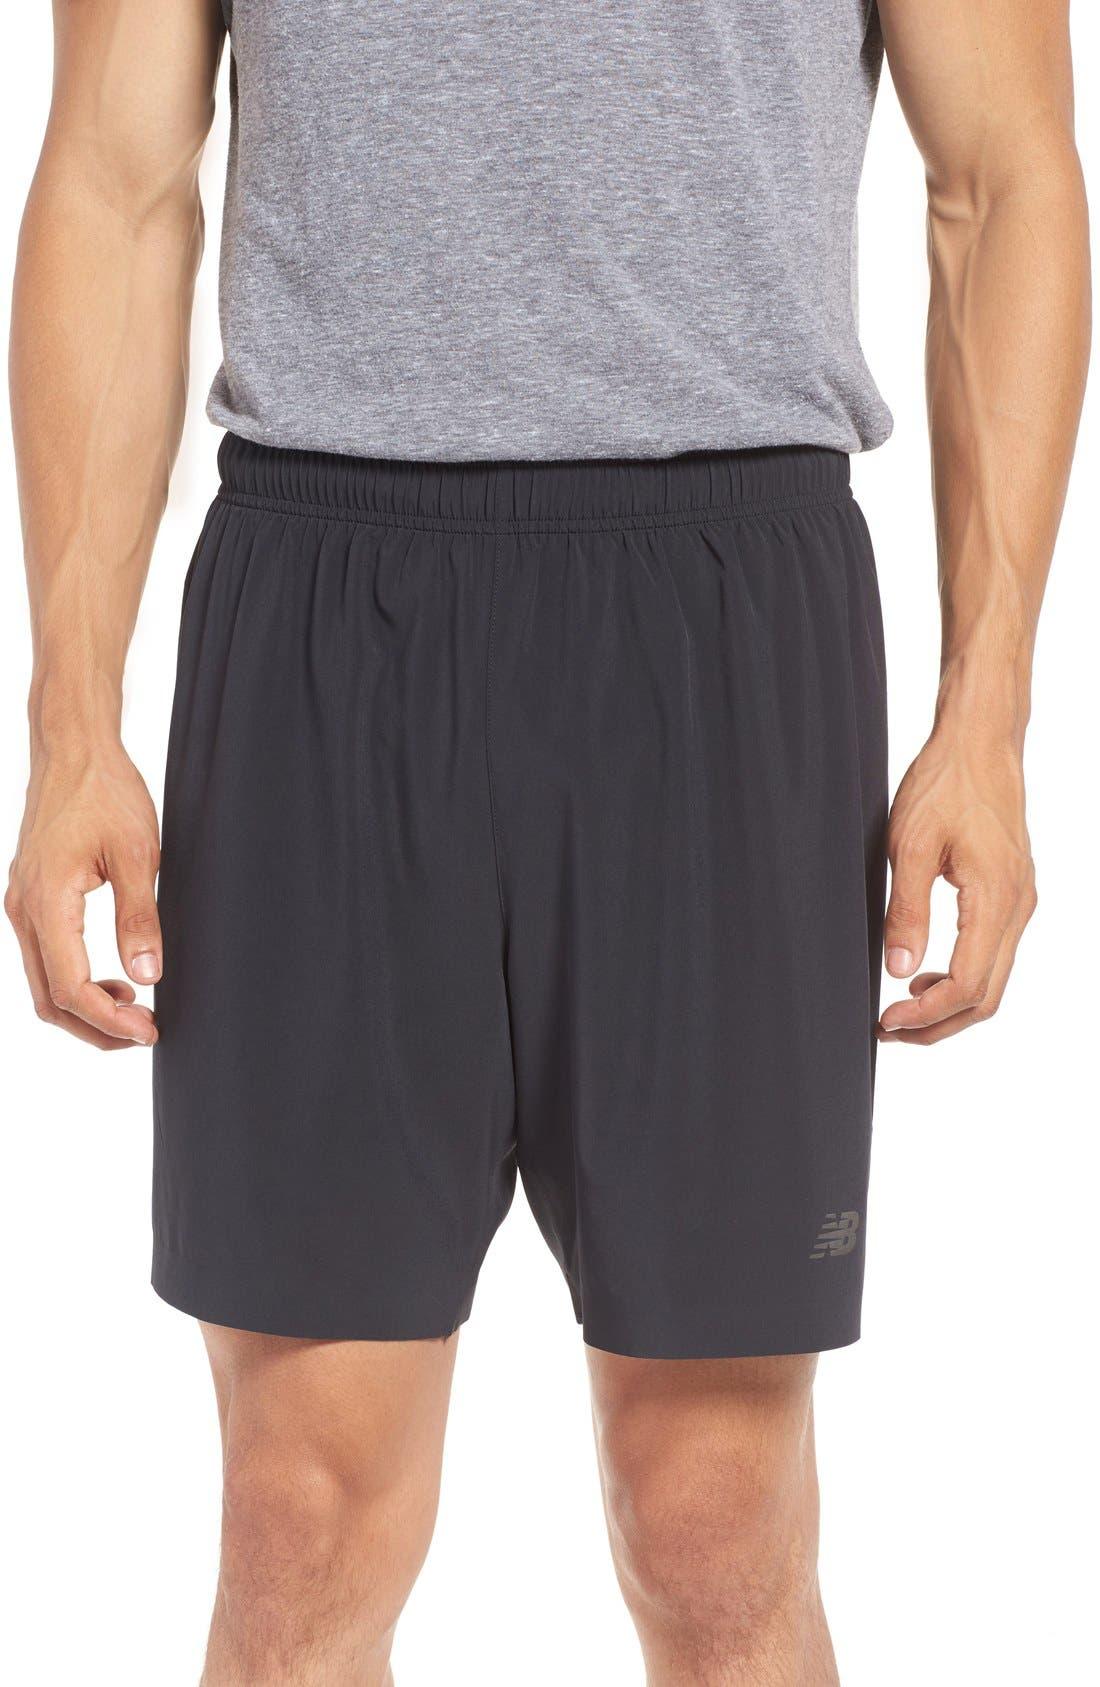 Main Image - New Balance 'Shift' Athletic Fit Training Shorts